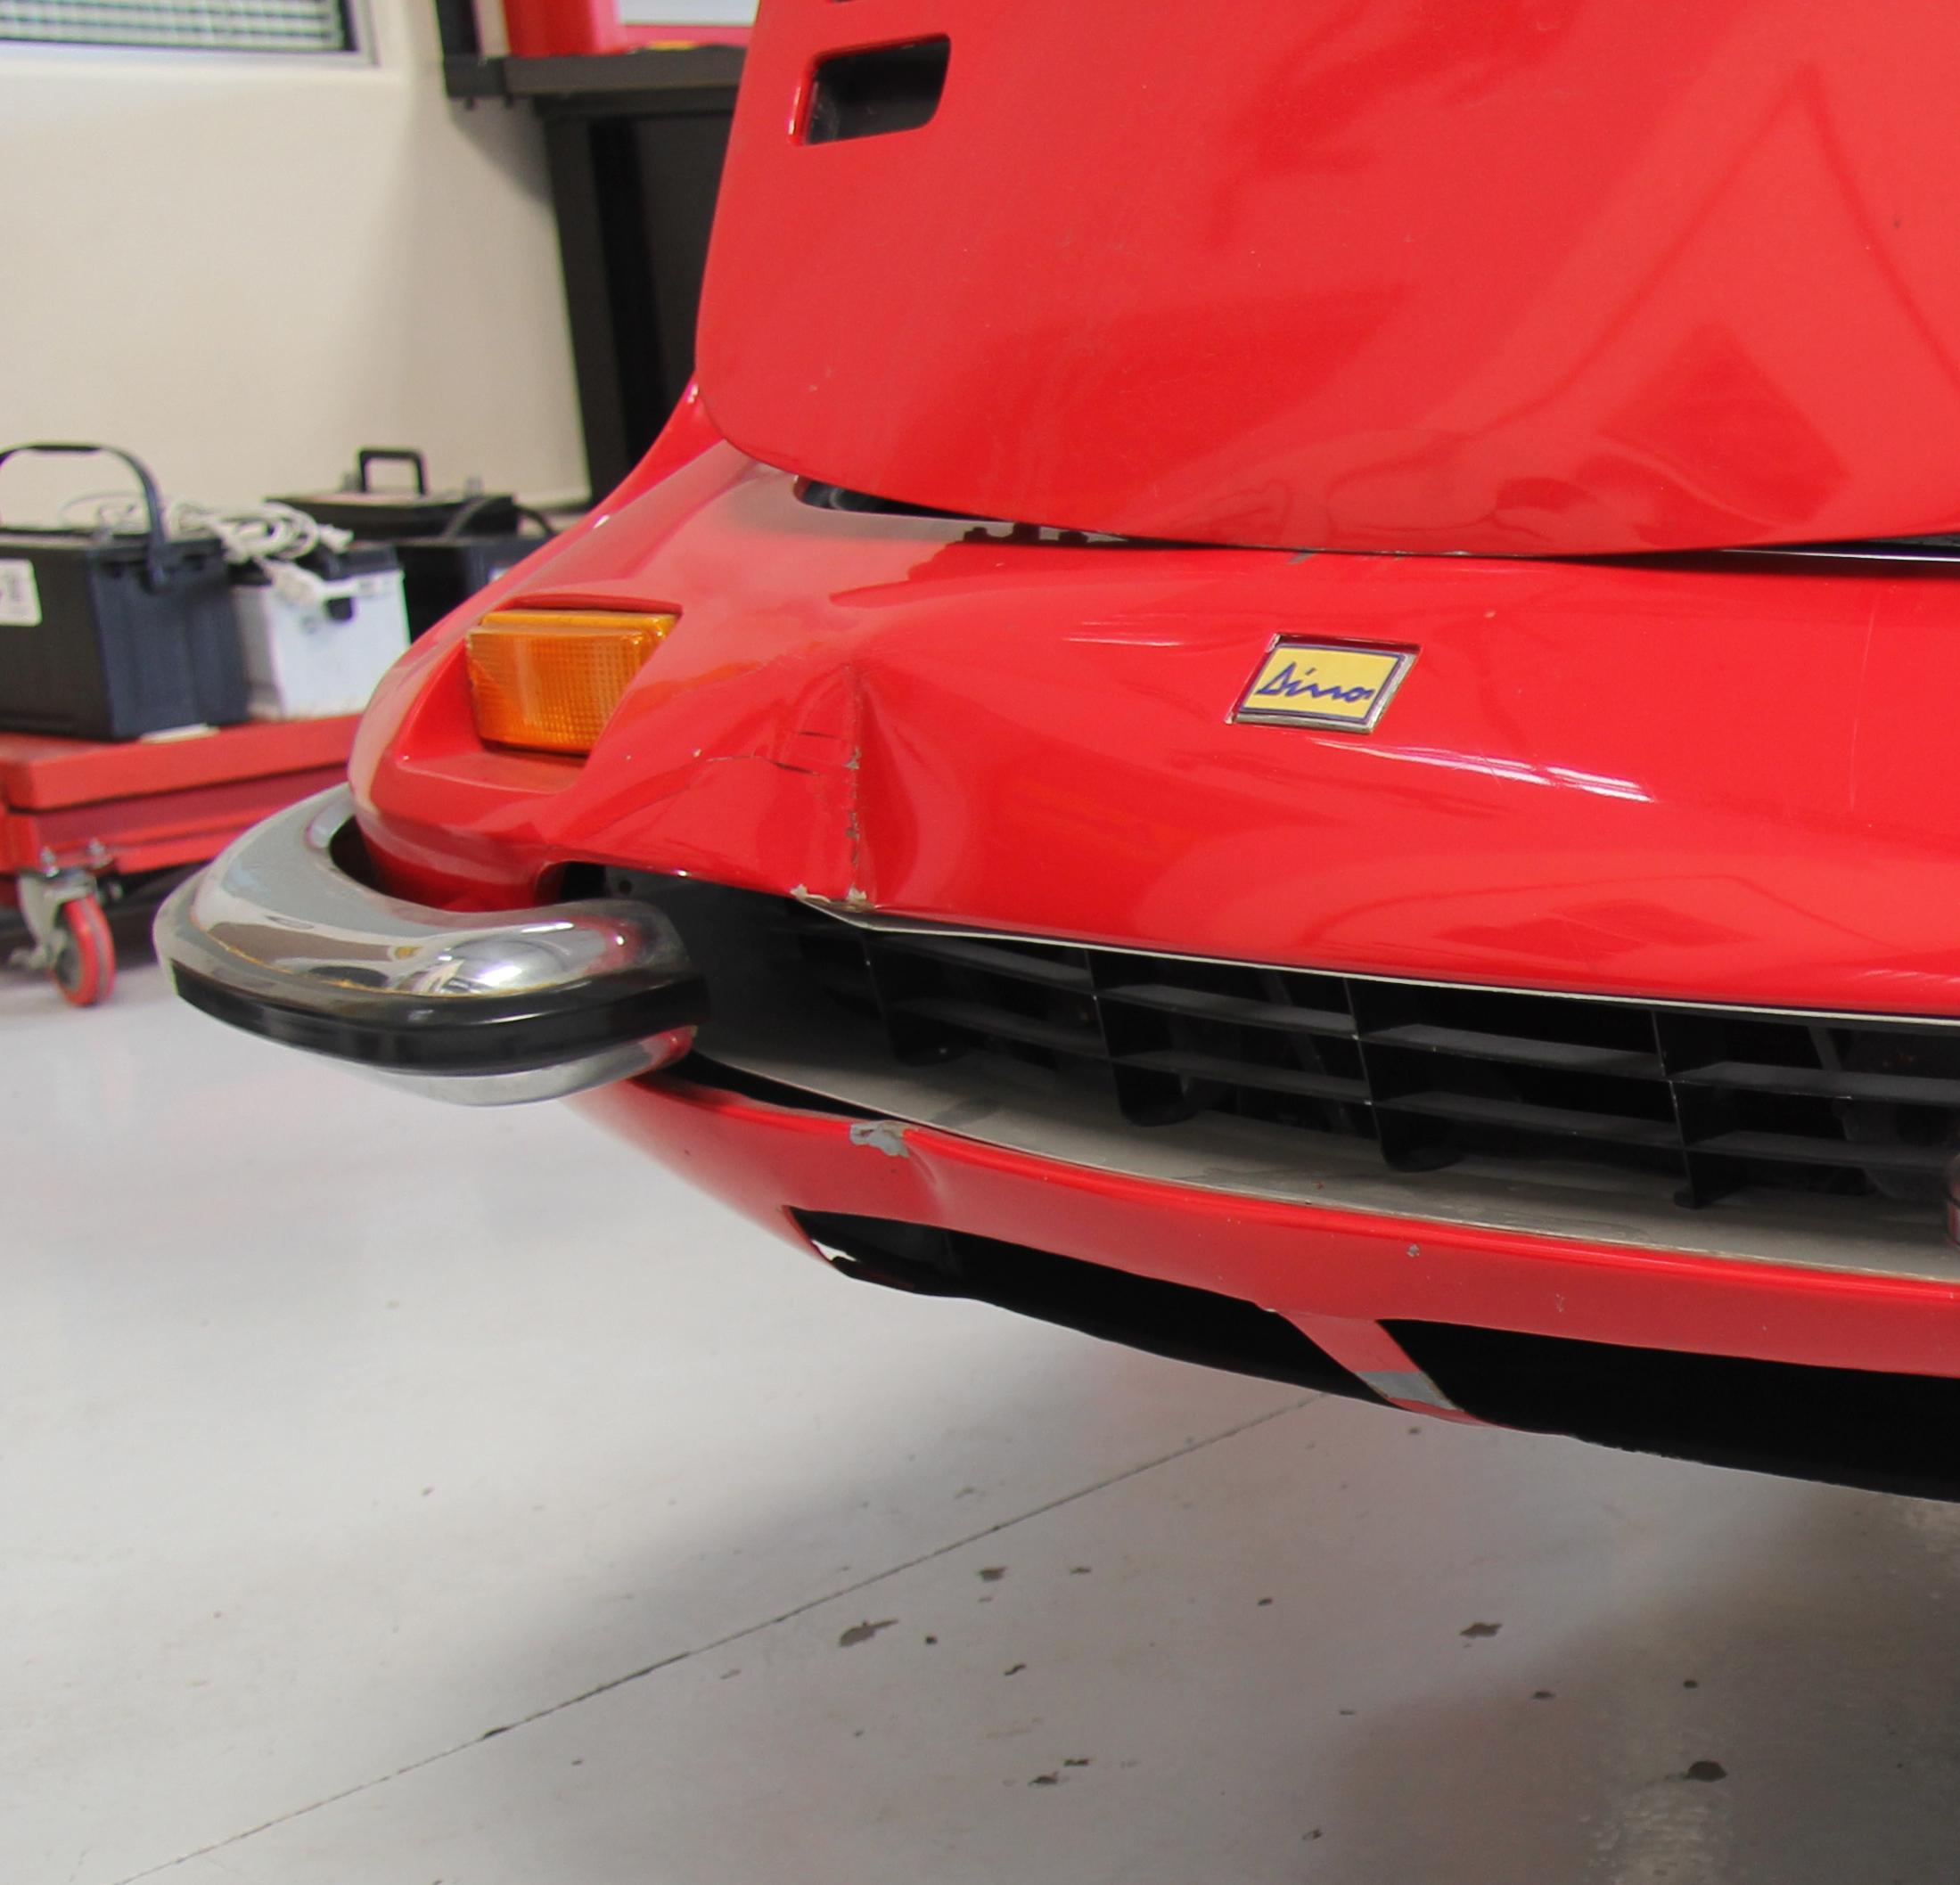 Ferrari Dino 246 Grill, Dino Restoration, Jon Gunderson